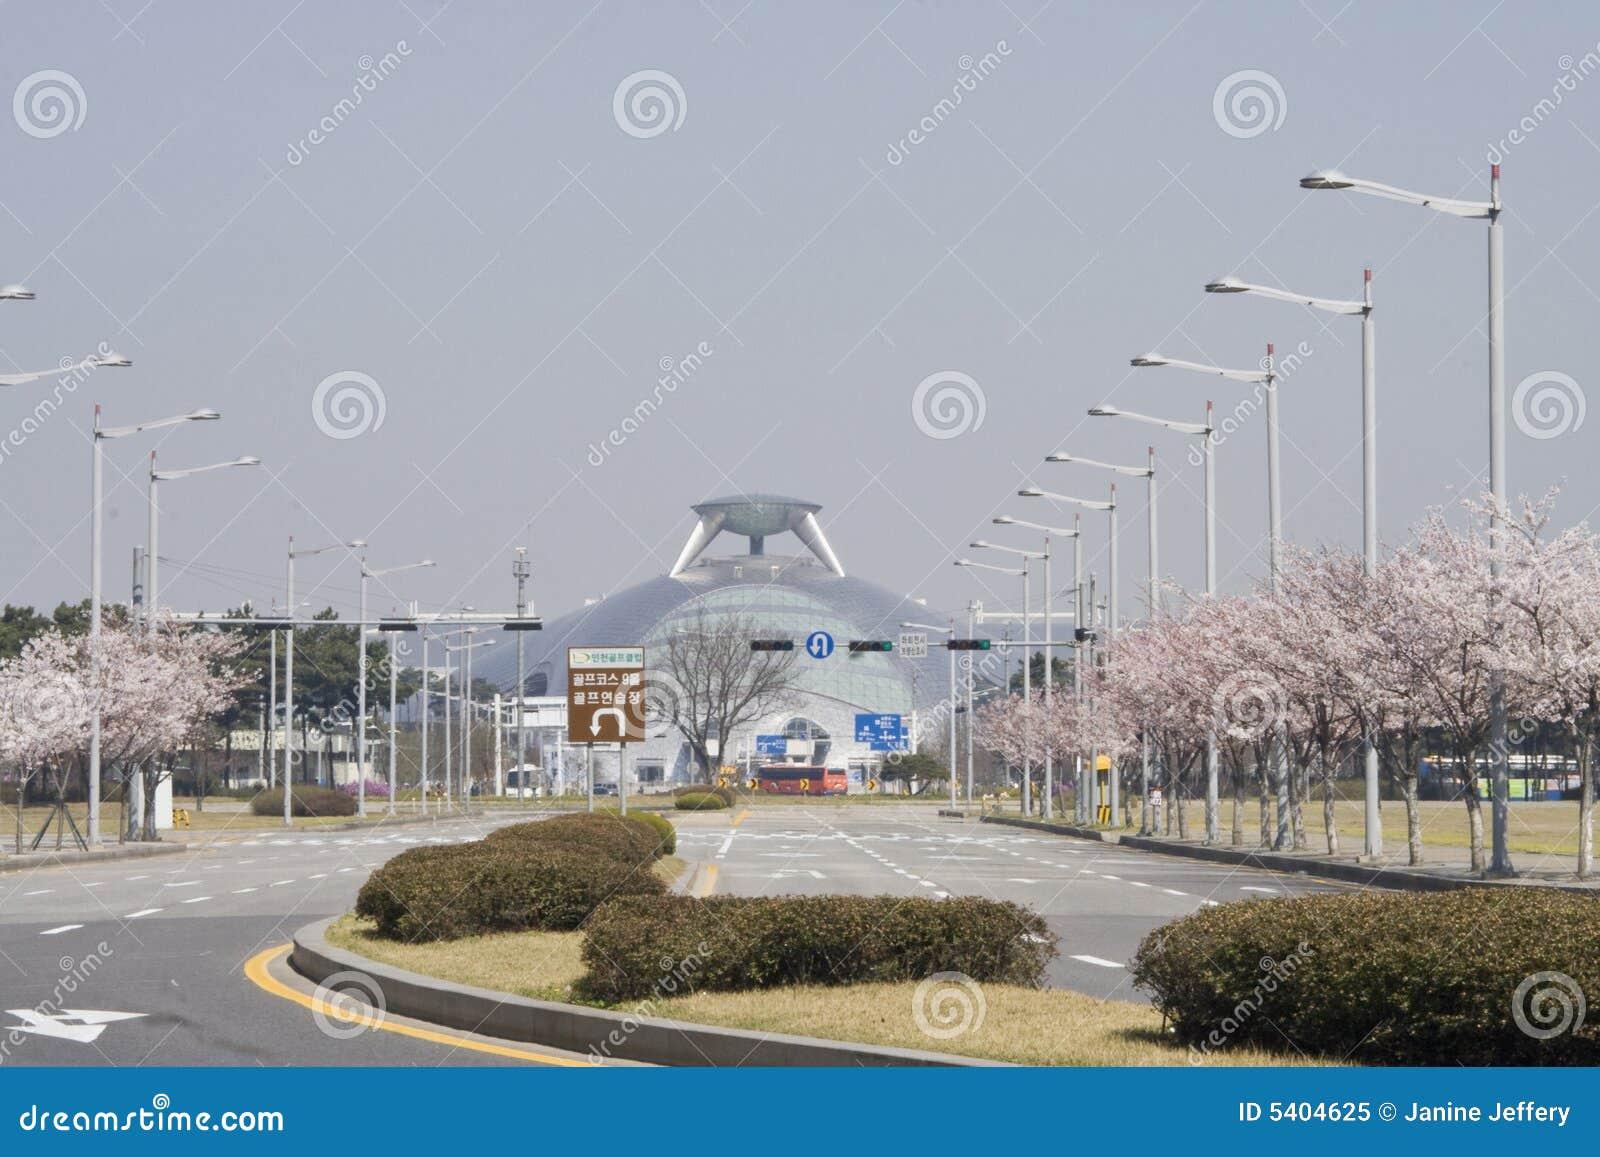 Incheon,Korea